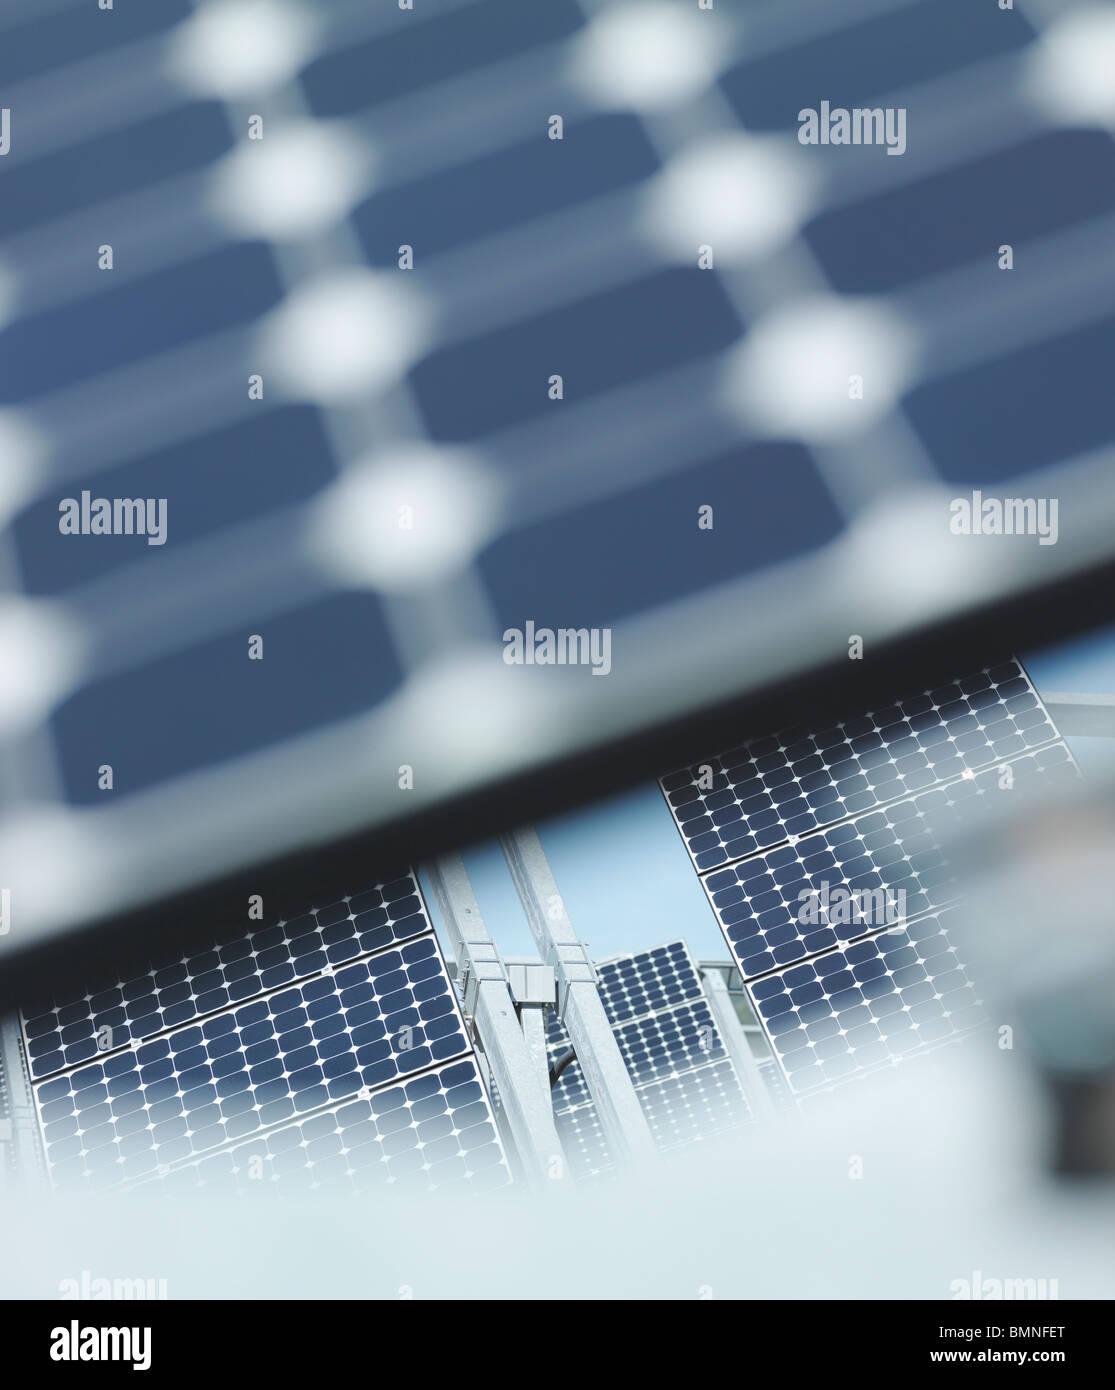 Energia solare stazione al di fuori del pannello di messa a fuoco Immagini Stock